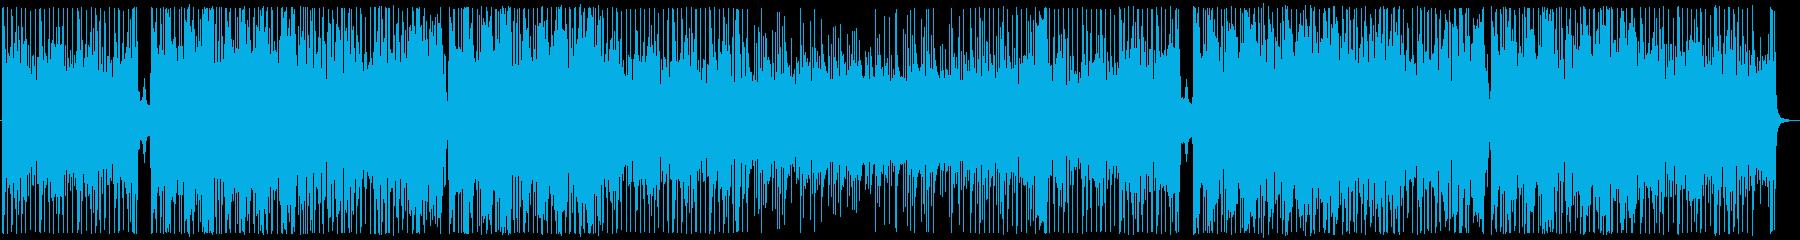 琴と尺八があやなす和風の格闘曲の再生済みの波形